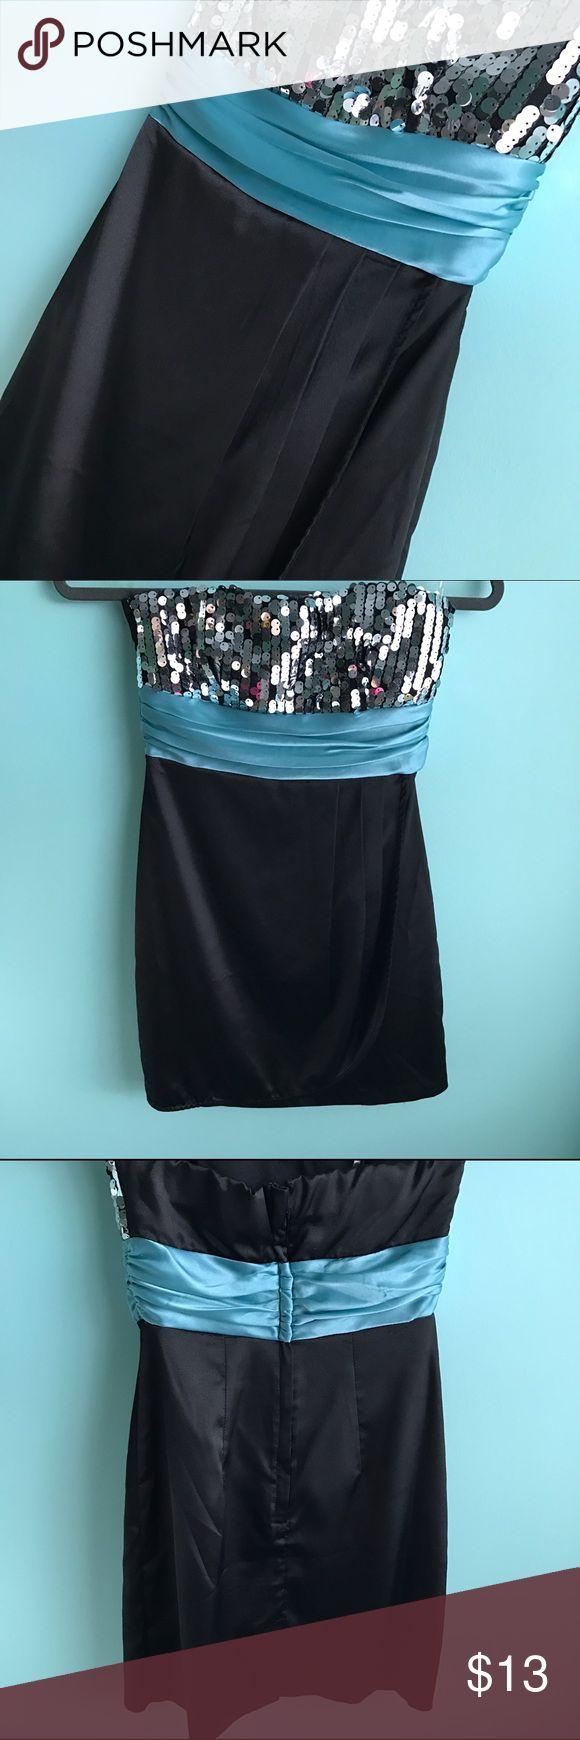 Middle School Formal Dresses For Spring 2013 Dress Images